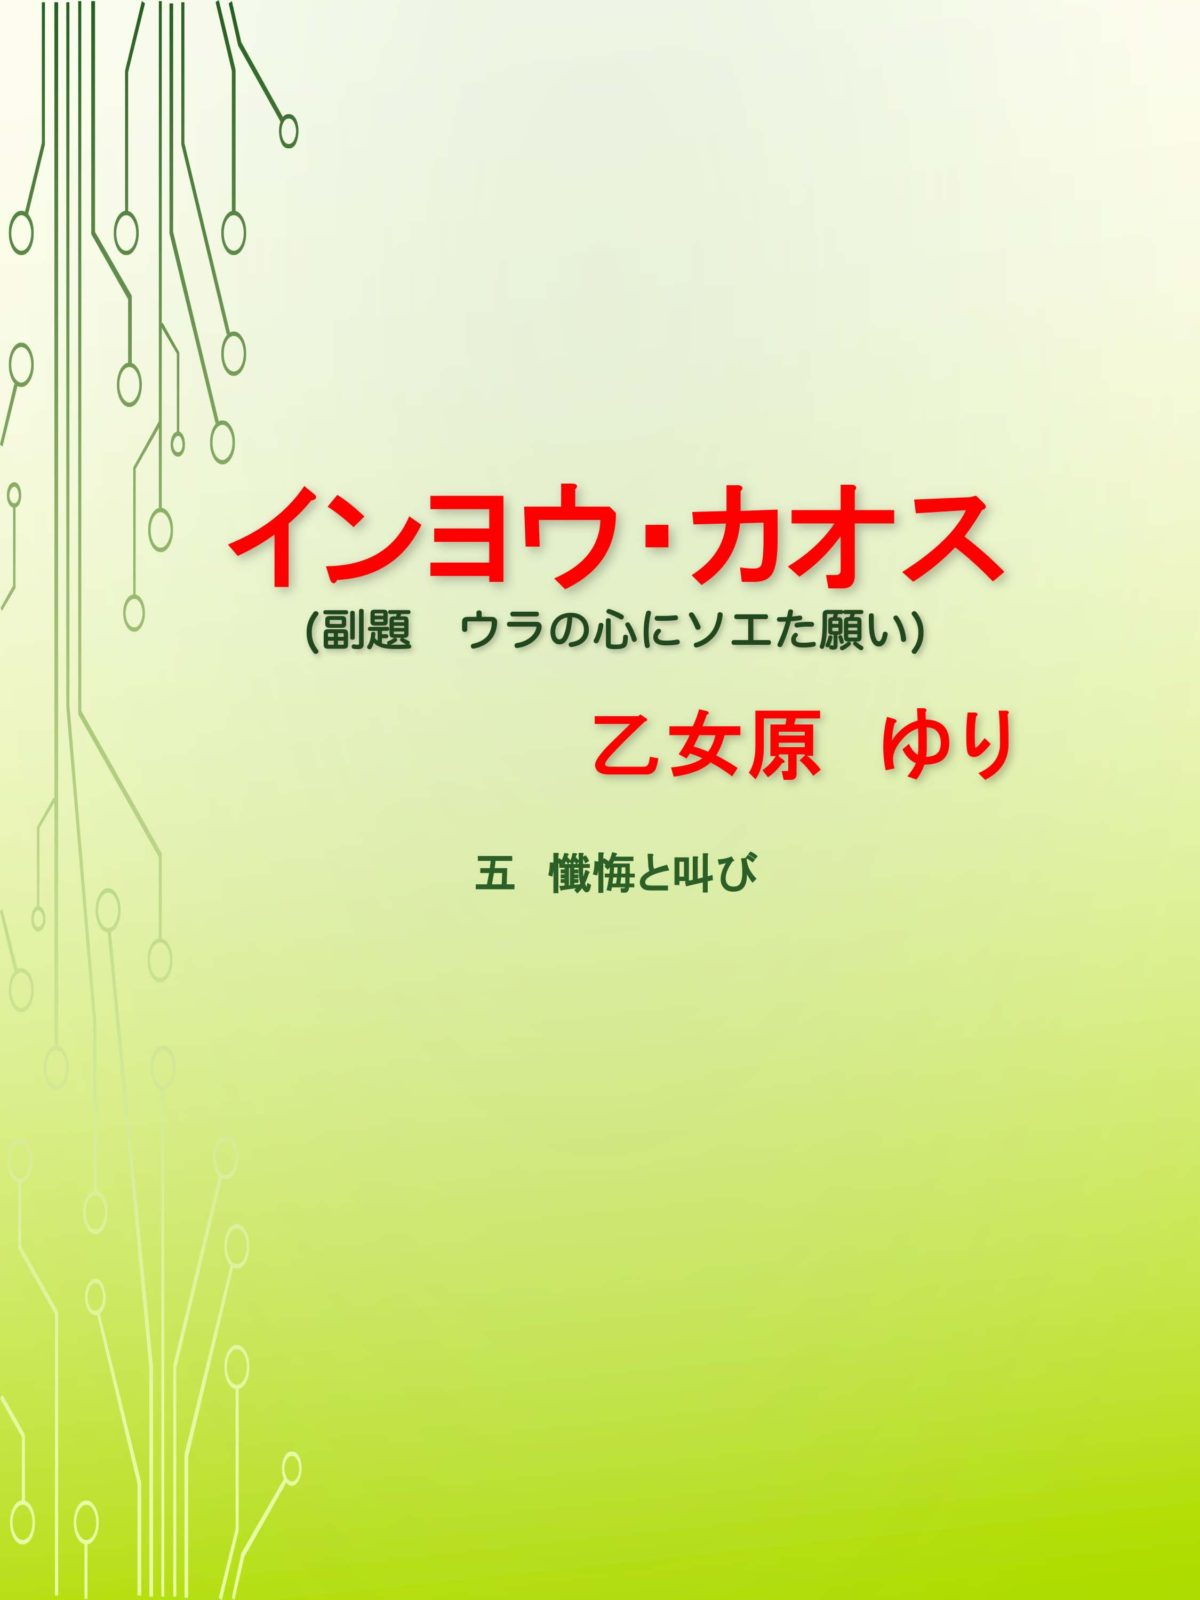 インヨウ・カオス (副題 ウラの心にソエた願い) 五 懺悔と叫び